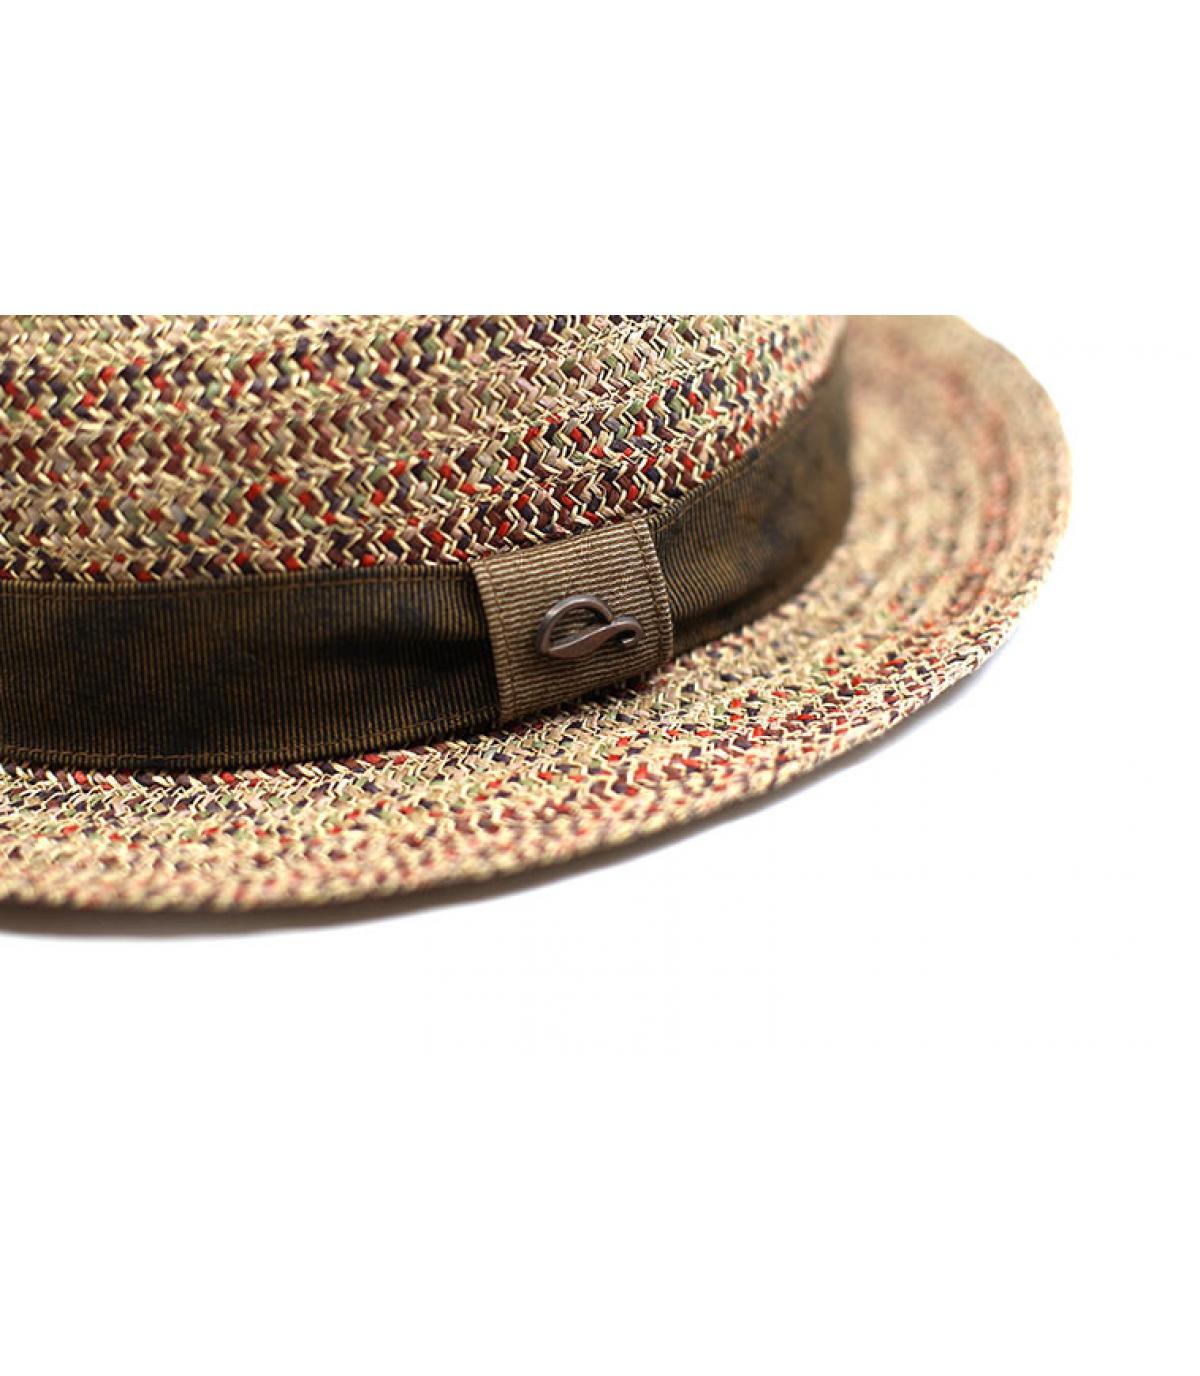 Détails Newman rouille marron - image 4